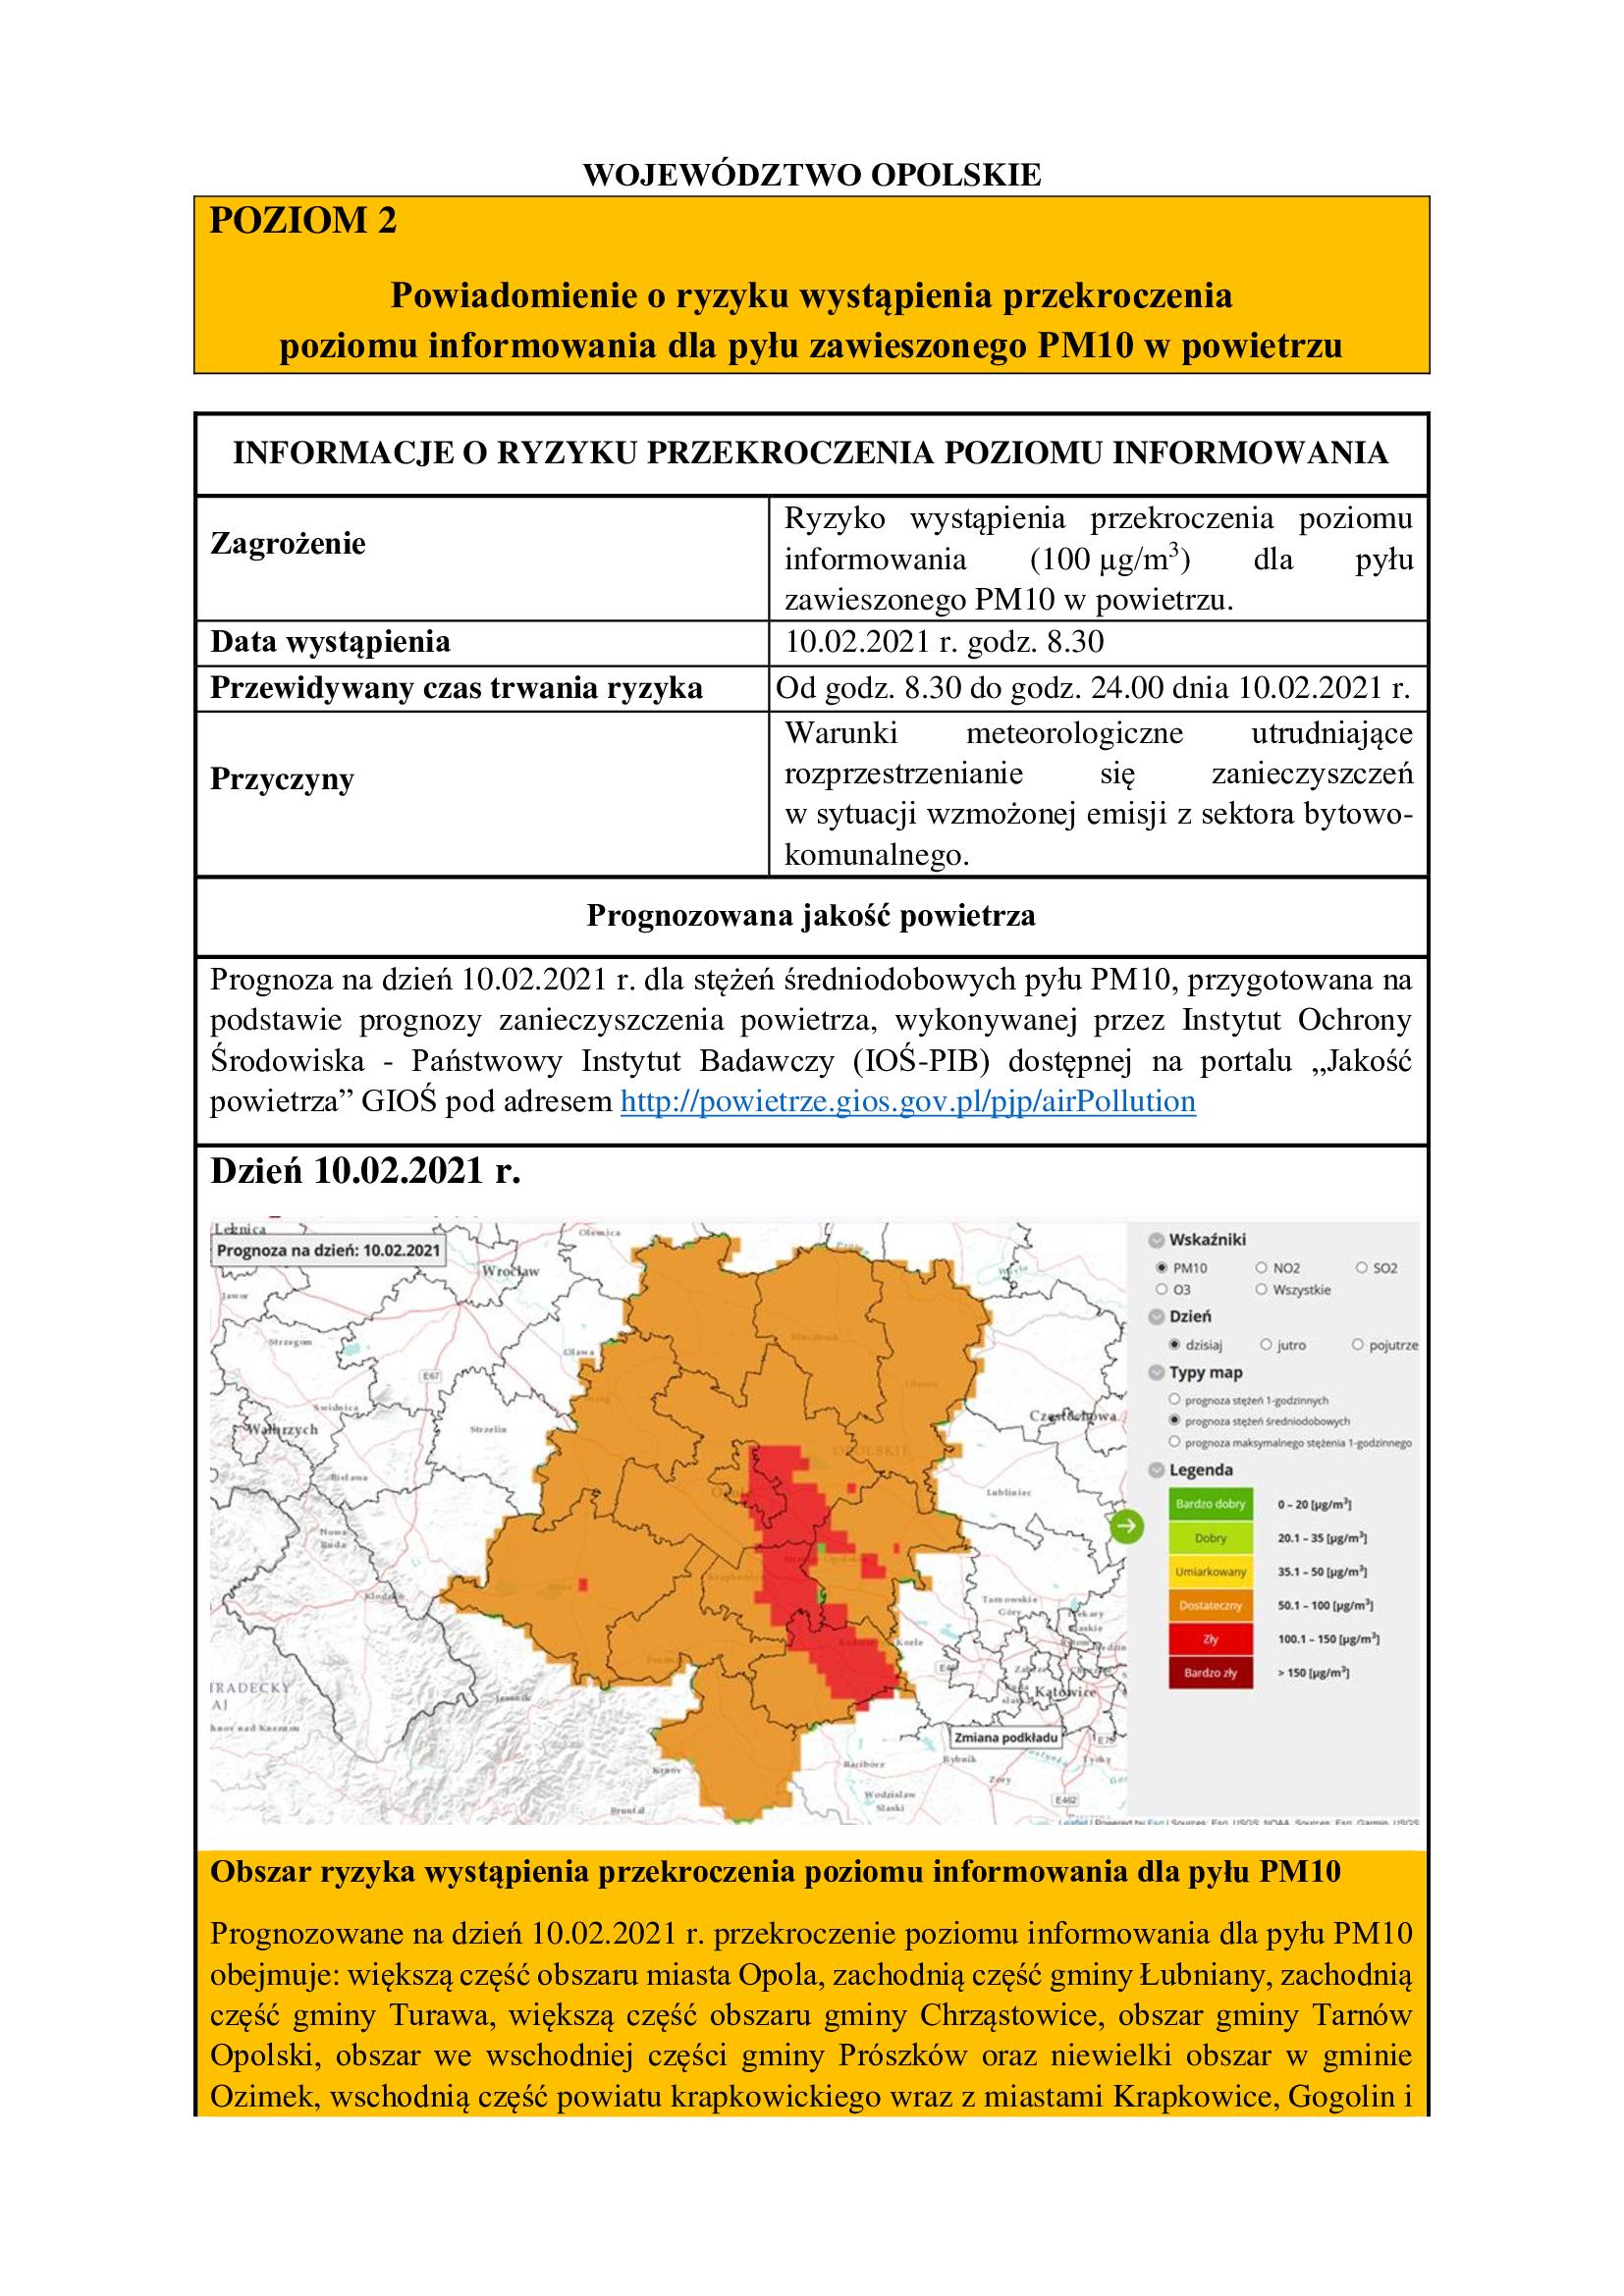 Poziom pyBu zawieszonego PM10 w powietrzu - komunikat